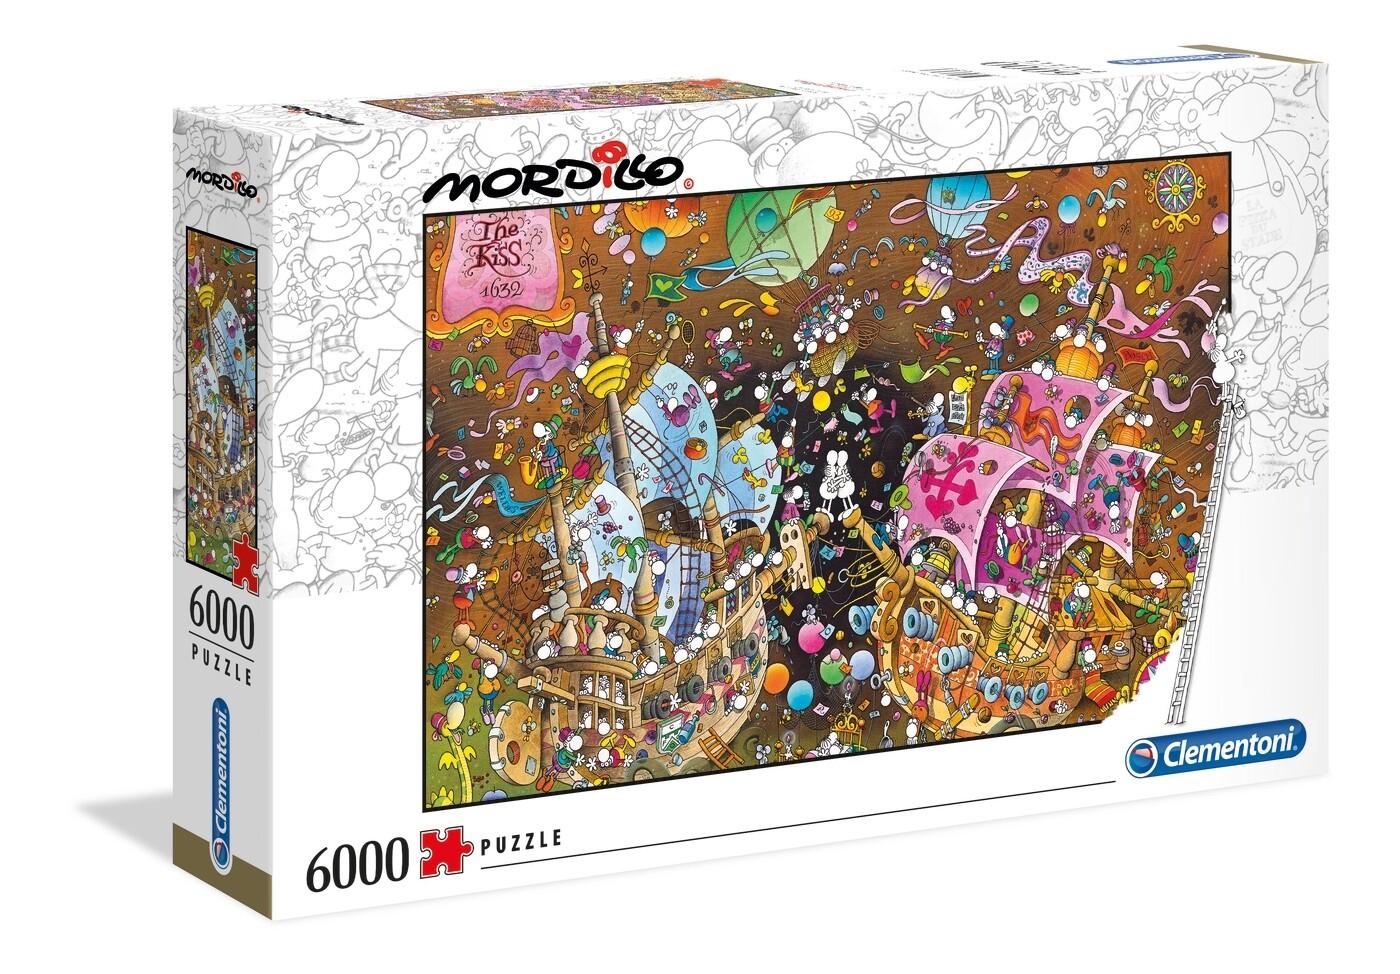 PUZZLE 6000 Mordillo - The Kiss - CLEMENTONI